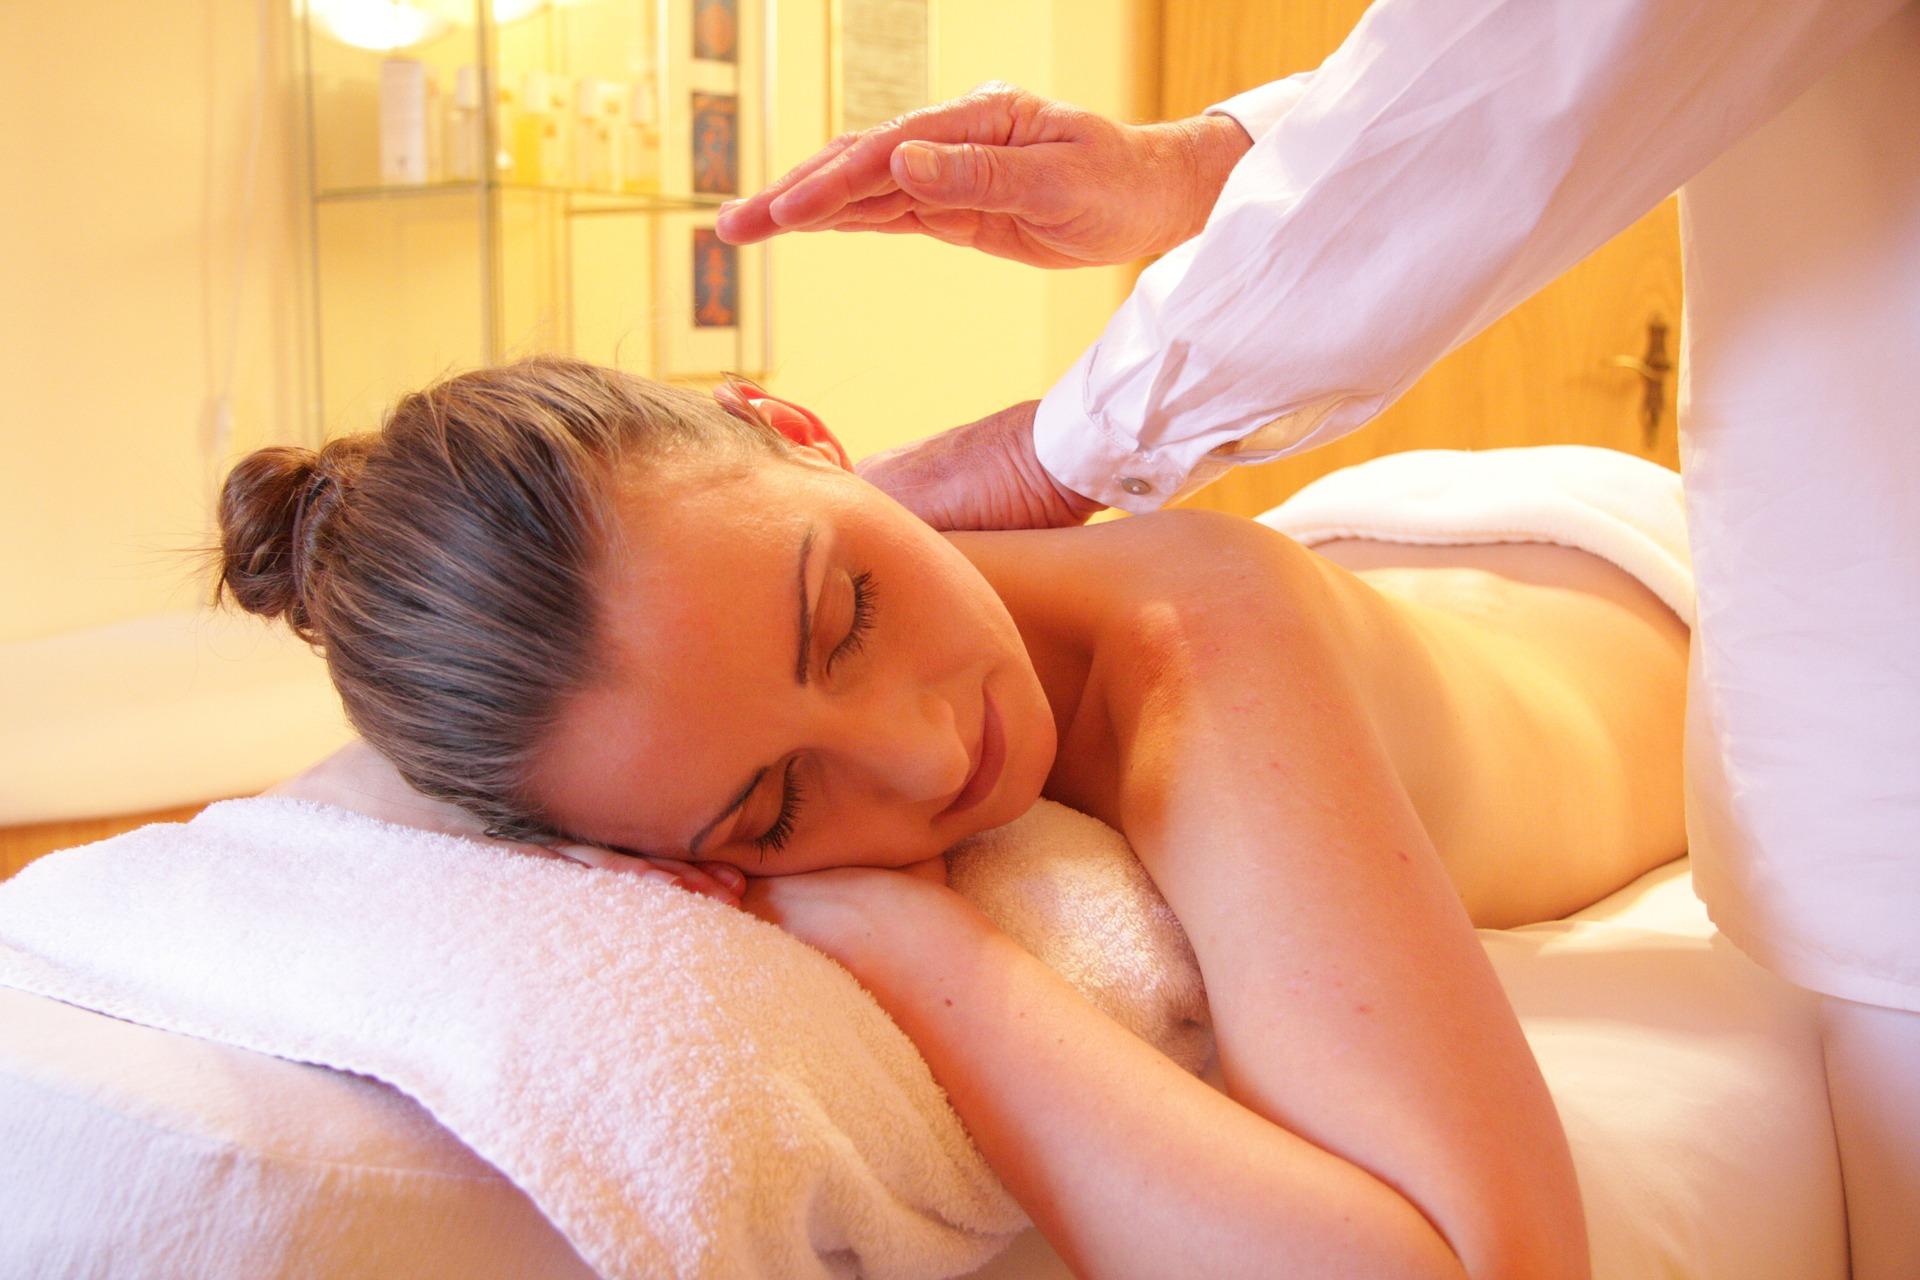 Massage Parlor Regulation Bill on Way to Passage